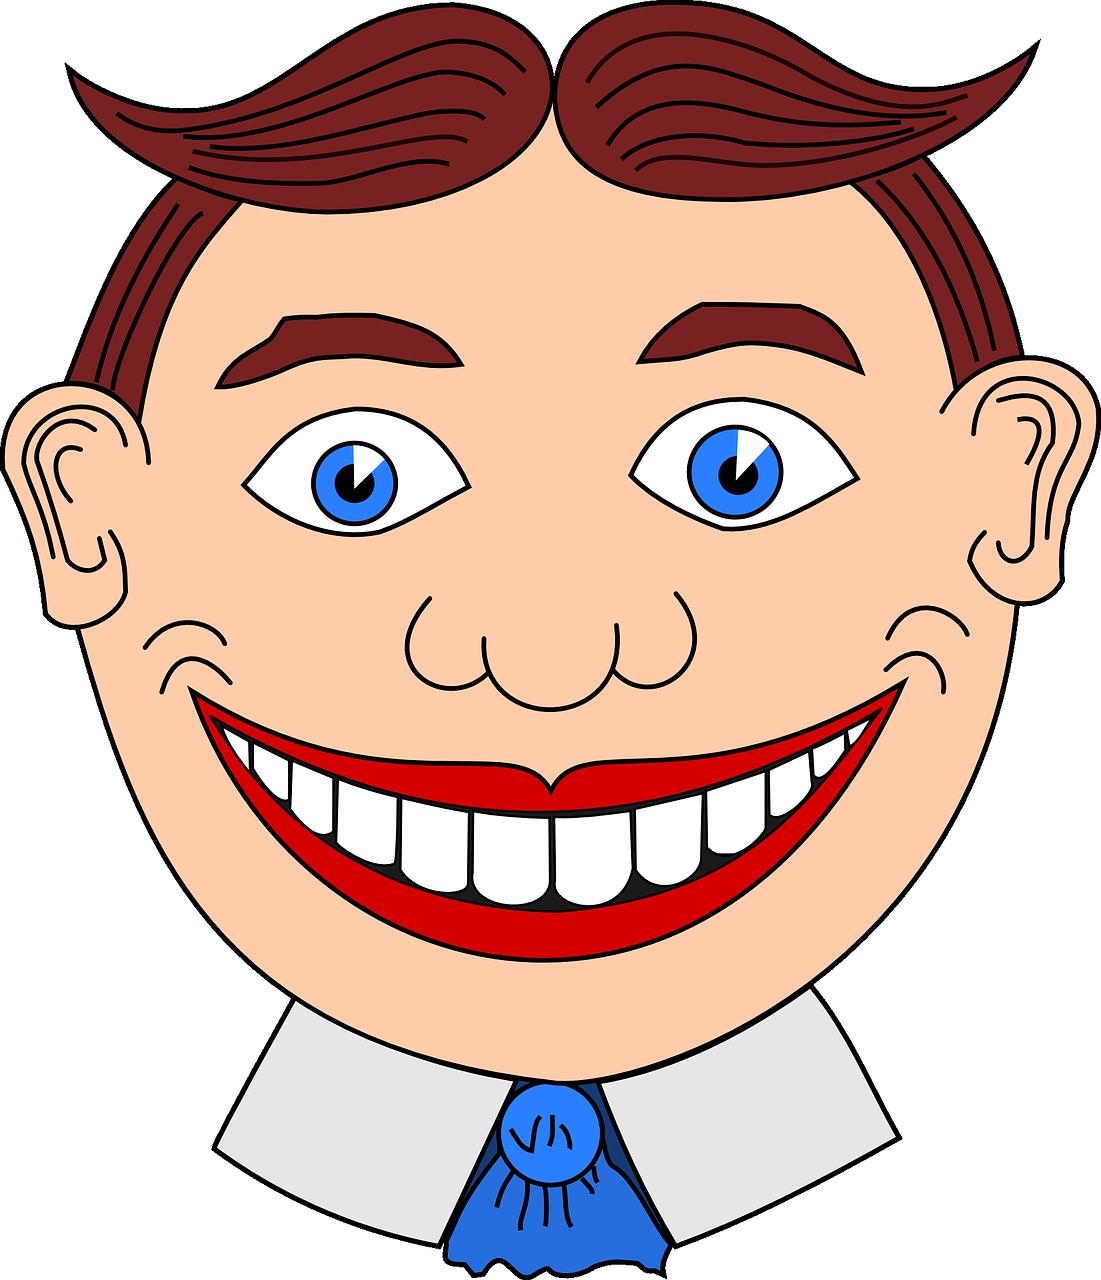 Днем, смешные картинки с зубами для детей